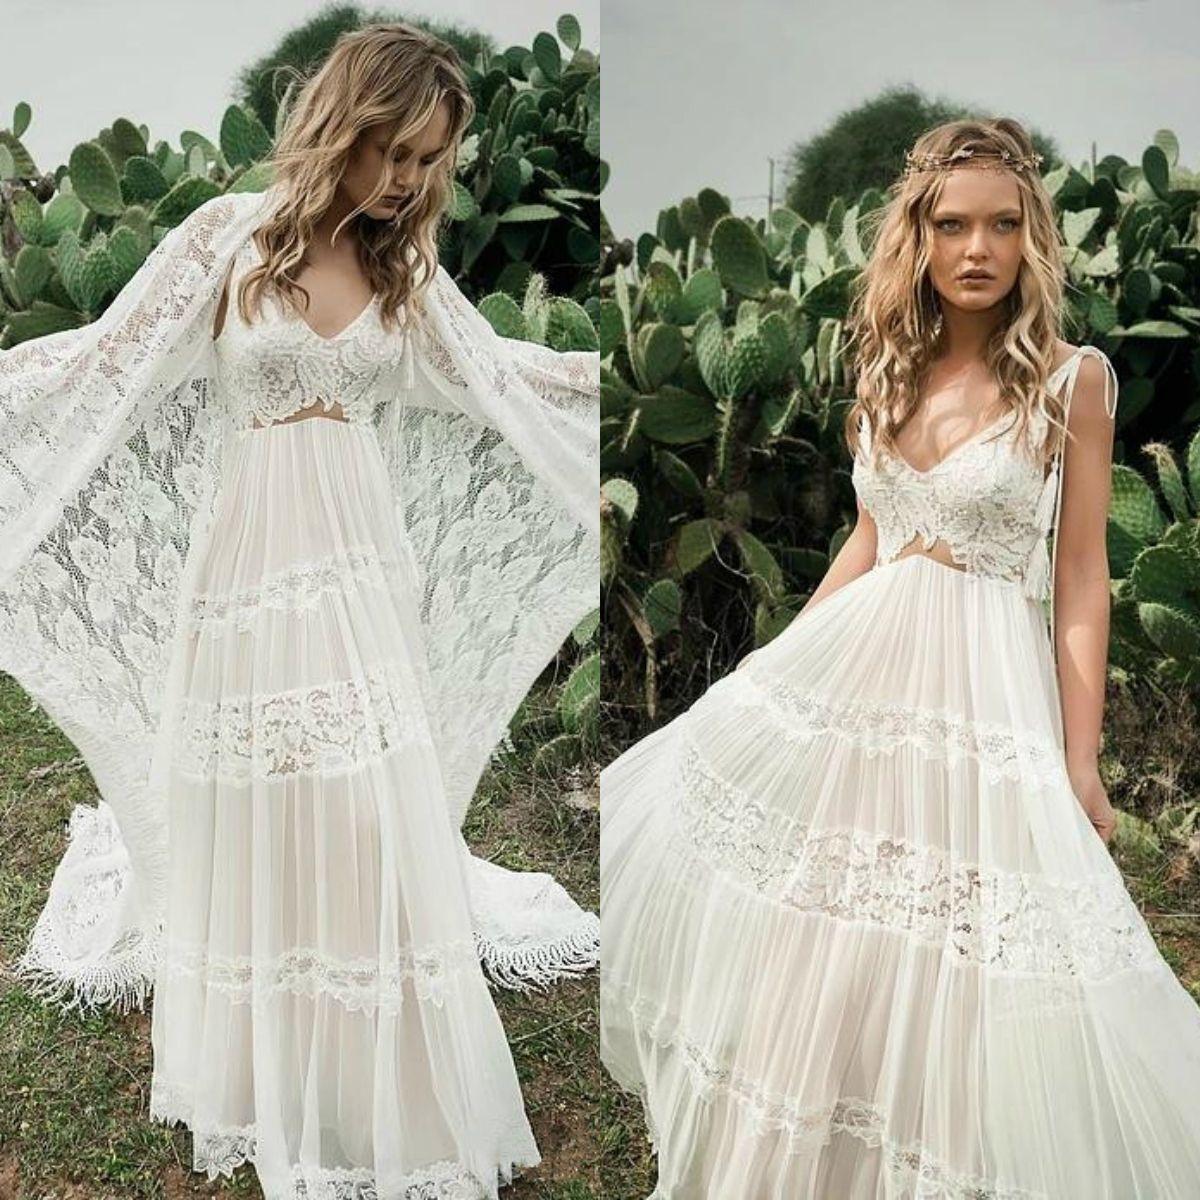 2018 Bohemian Beach Wedding Dresses With Cape Lace Applique V Neck Boho Bridal Gowns A Line robe de mariée